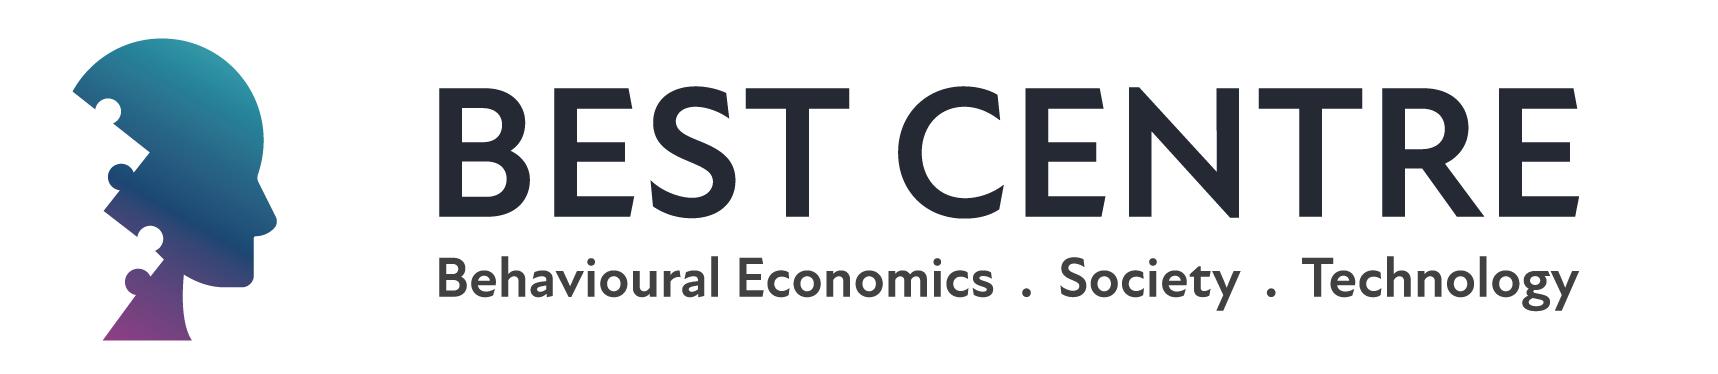 best center logo